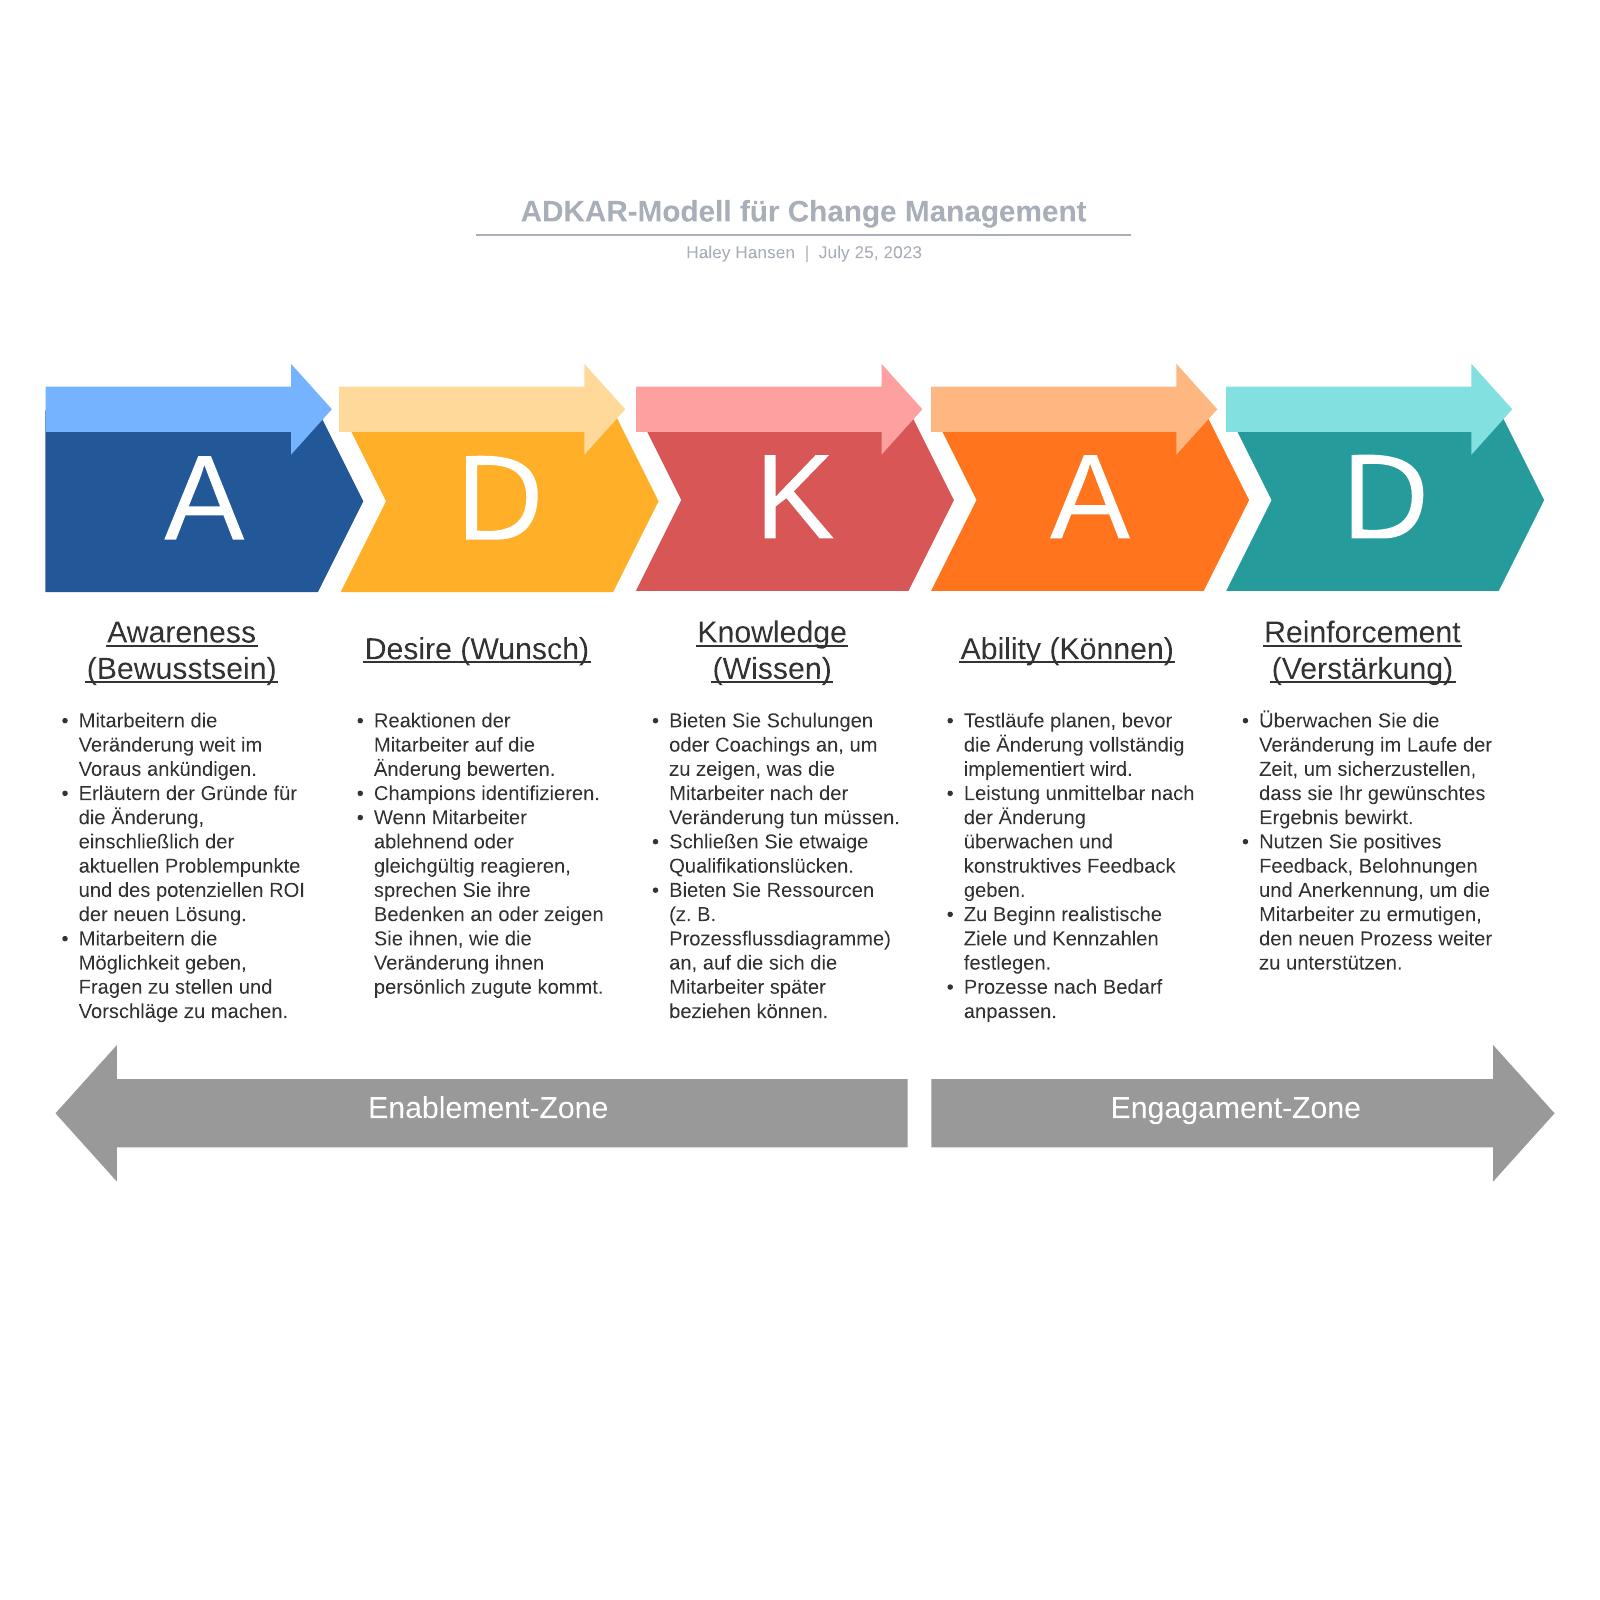 ADKAR-Modell für Change Management